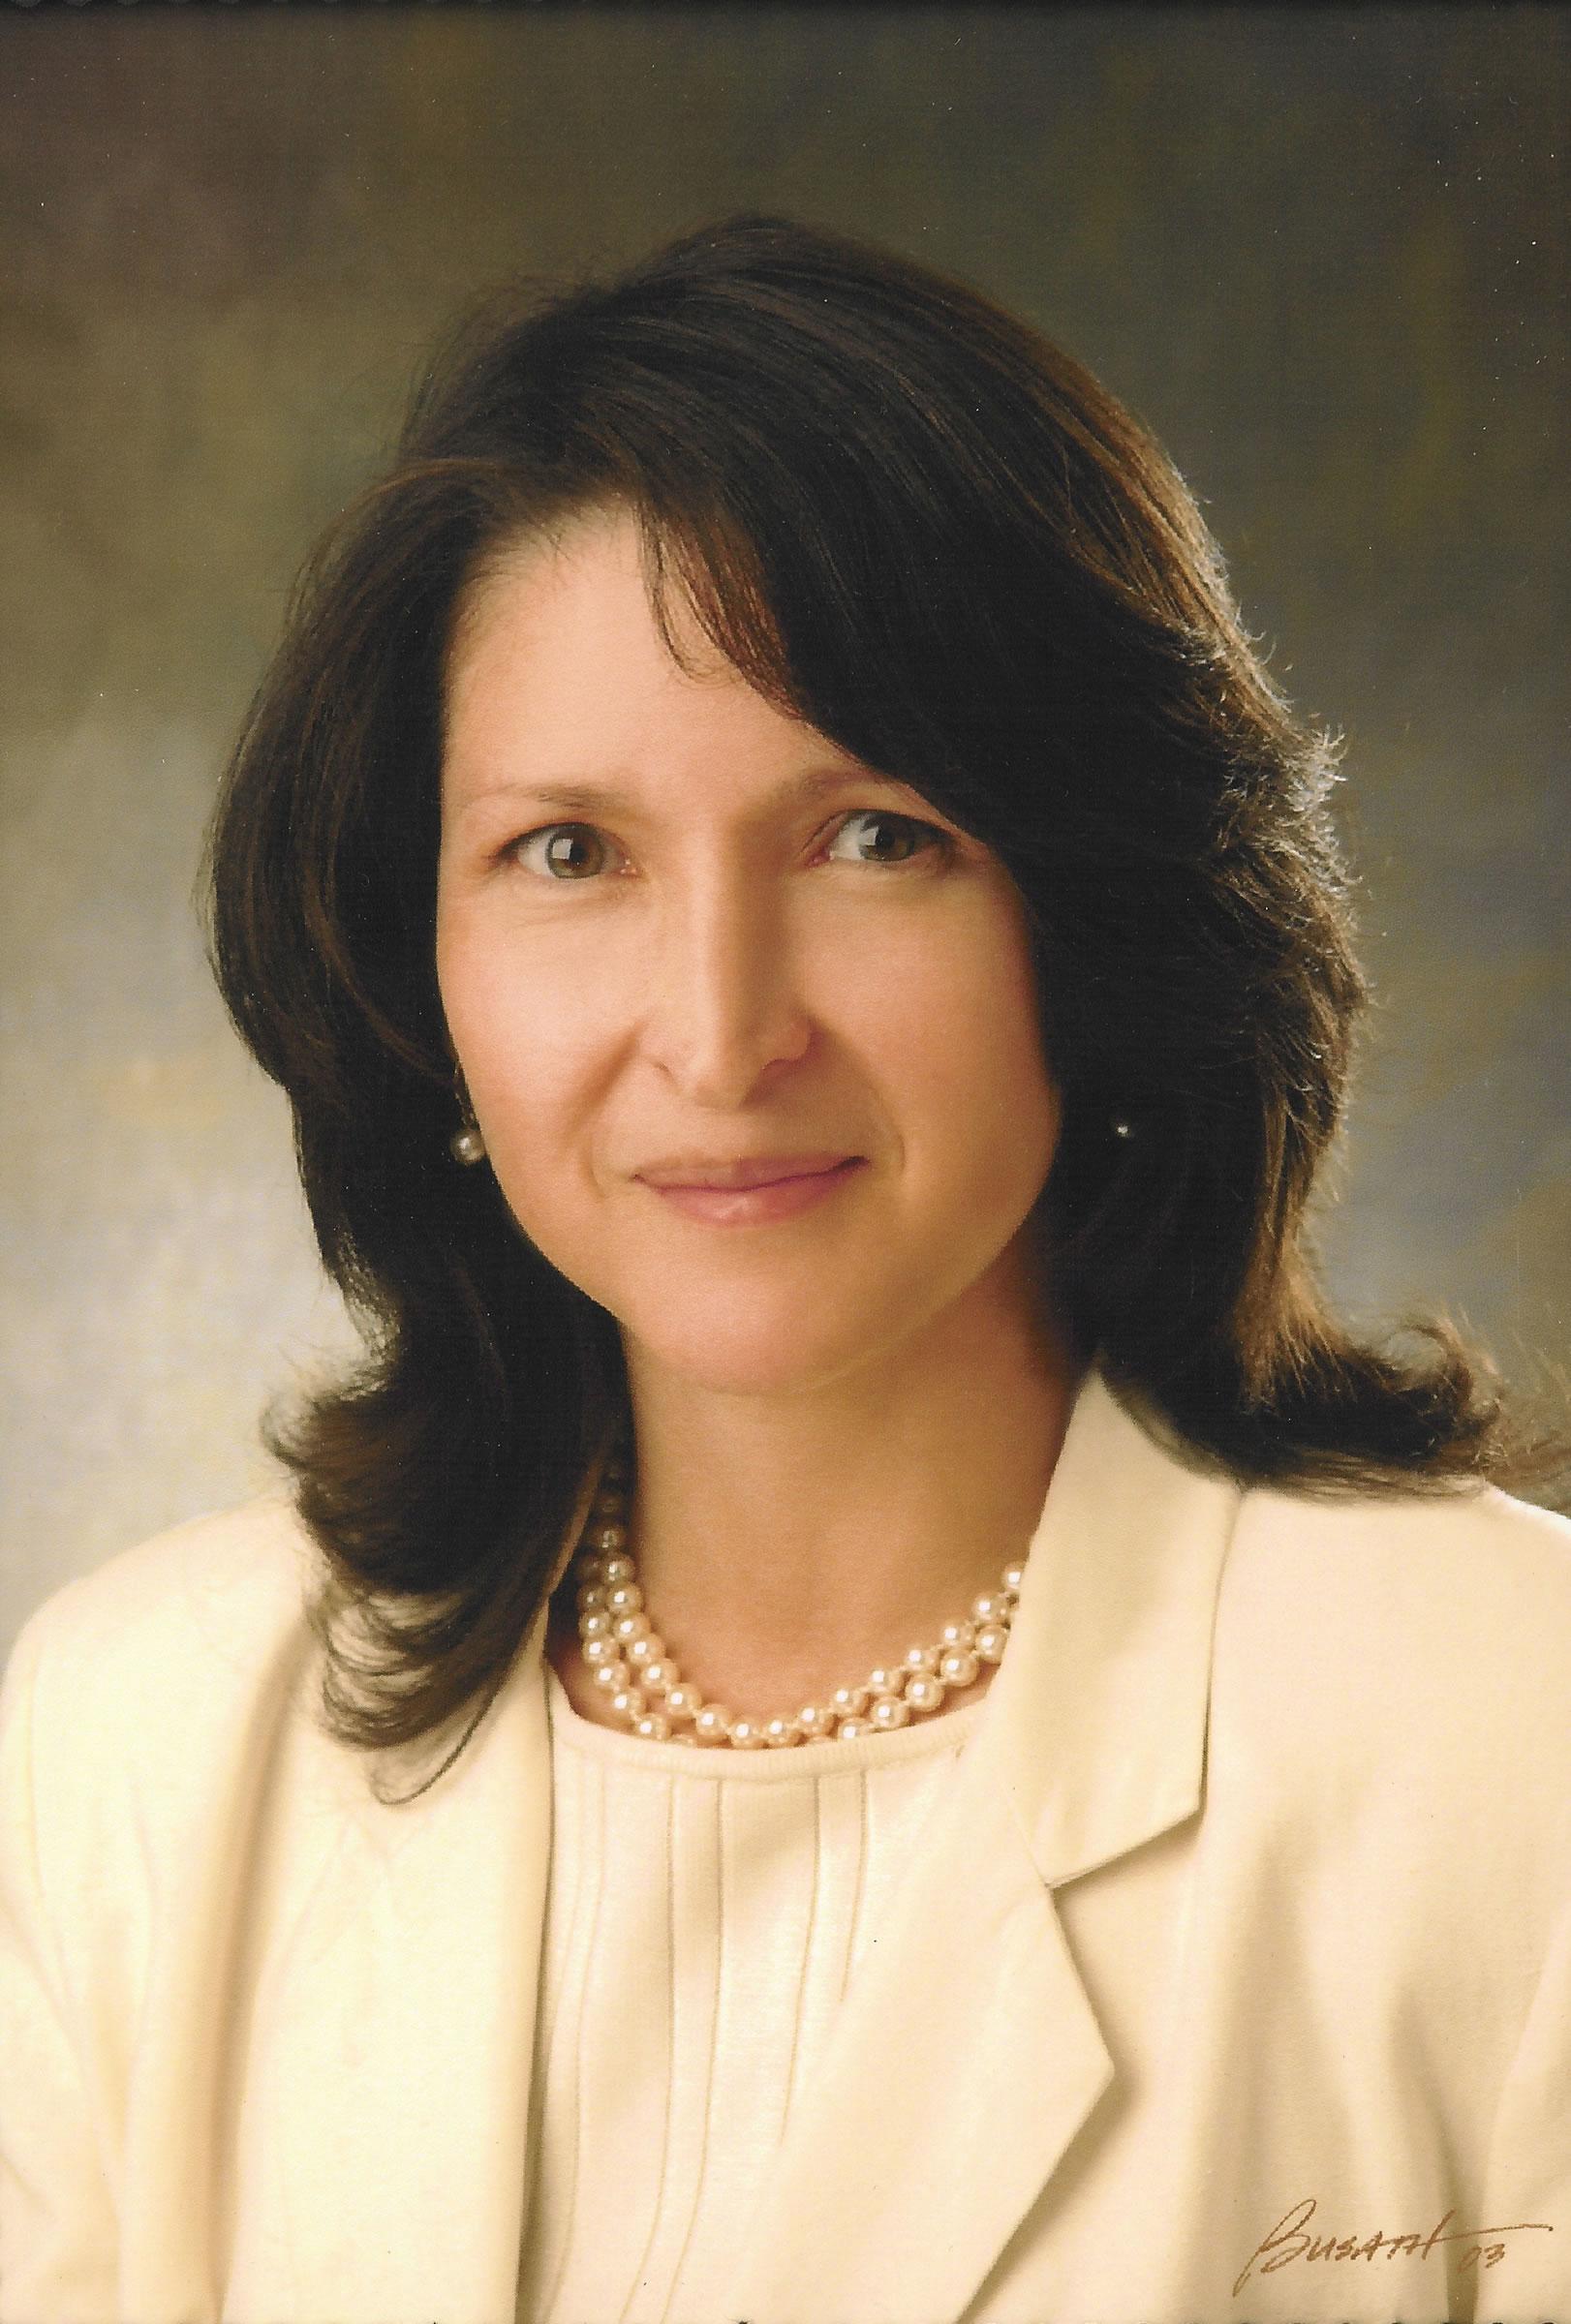 Theresa Martinez